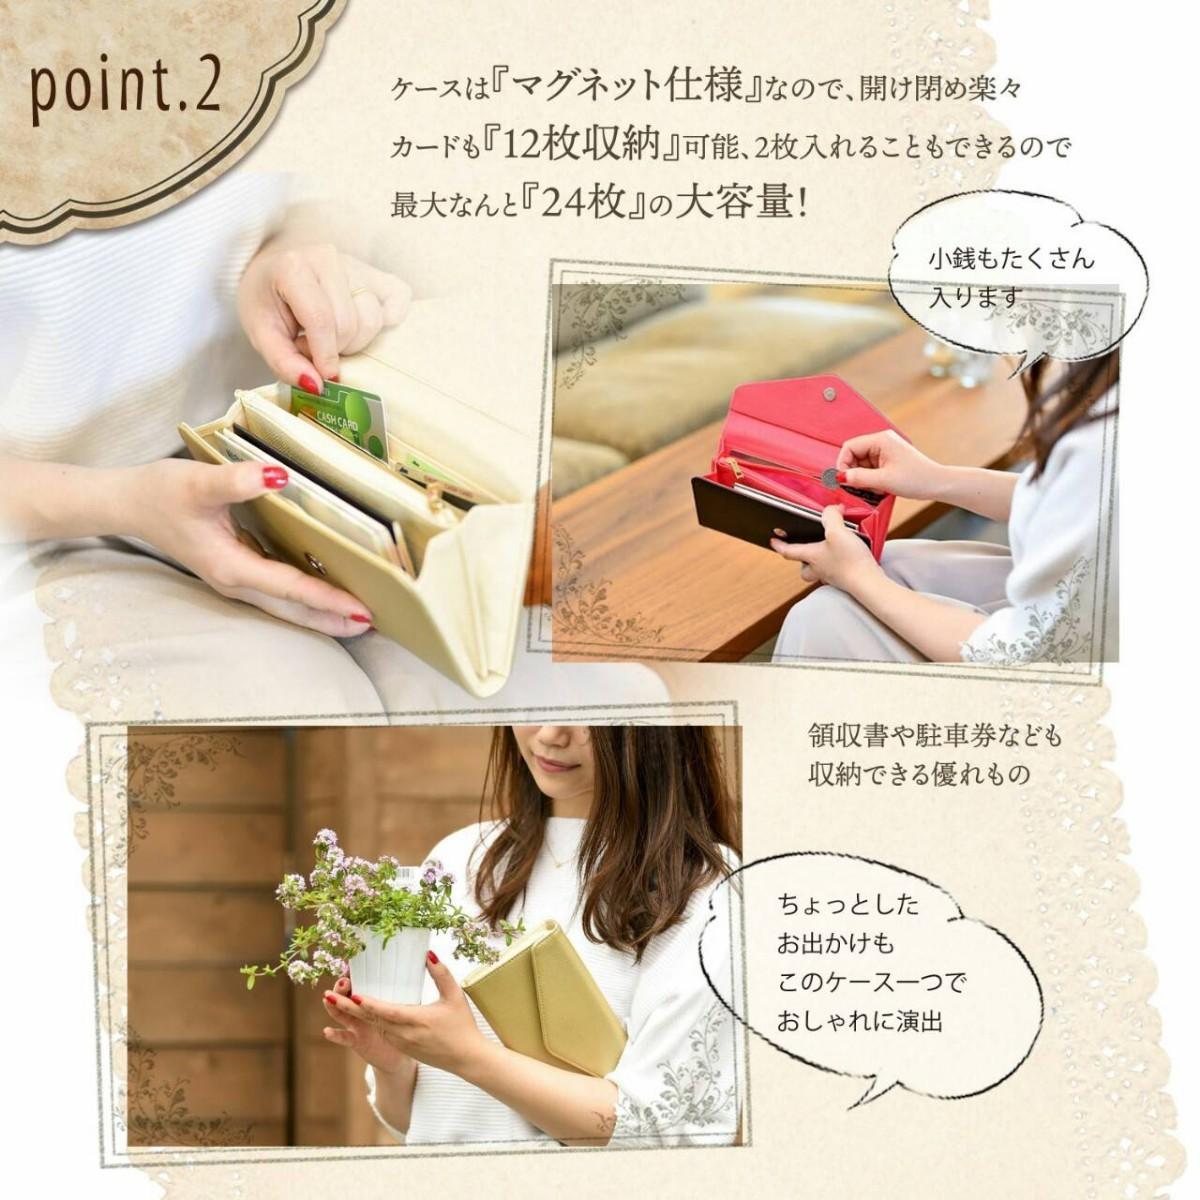 レディース 長財布 通帳ケース 磁気防止 スキミング防止 ベビーピンク × グレー